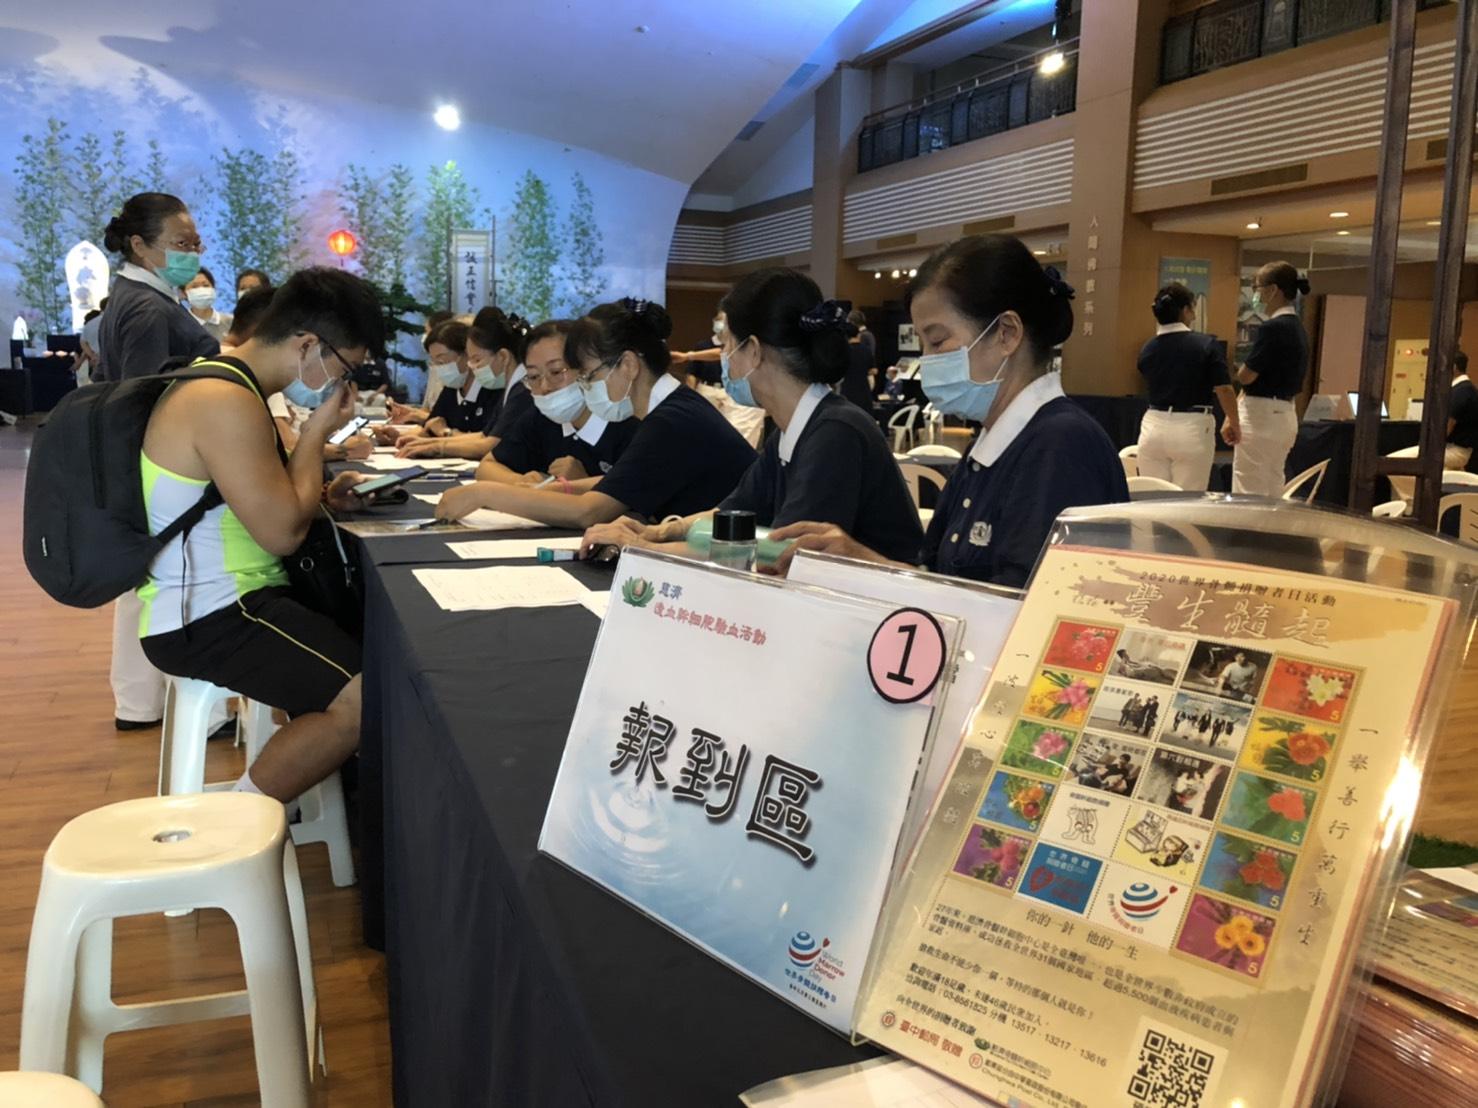 臺中靜思堂於19日舉行骨髓幹細胞驗血建檔活動,早上八點開始就有民眾排隊進行驗血建檔流程。